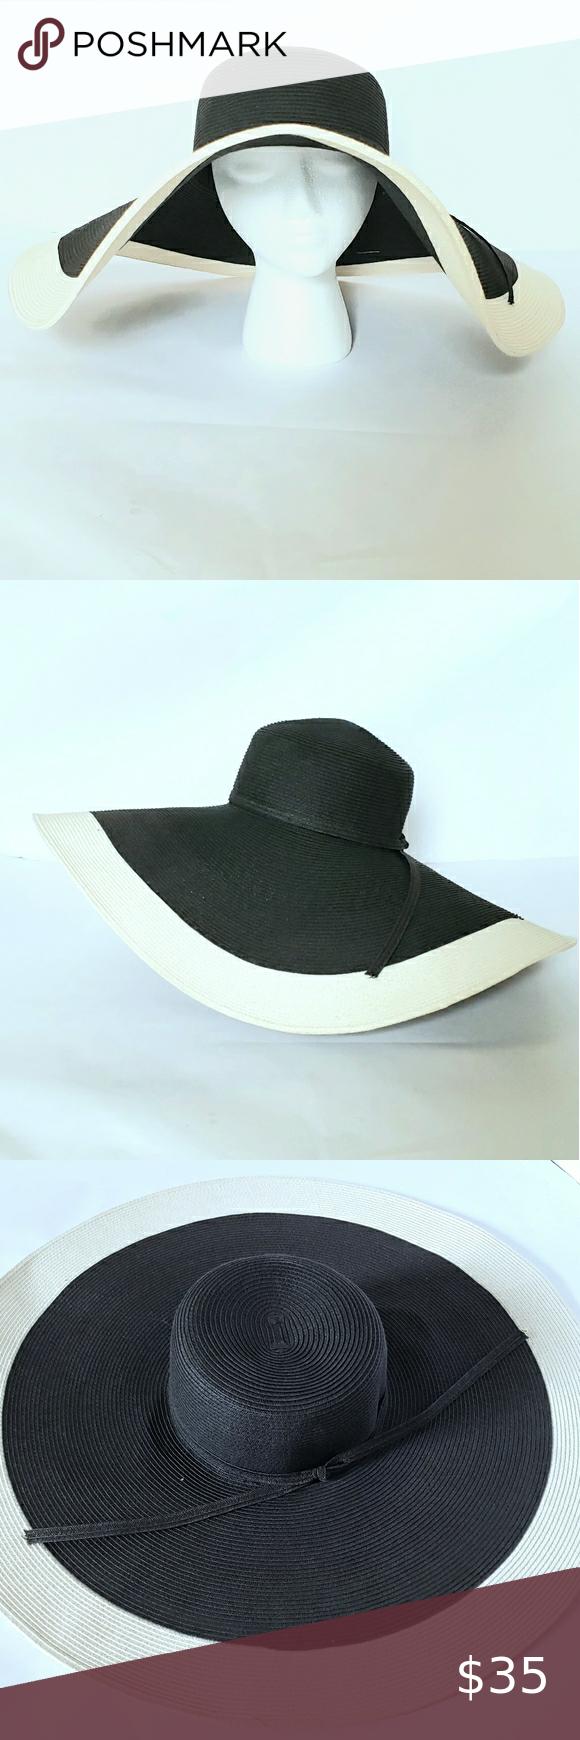 Wide Brim Floppy Sun Hat Two Toned In 2020 Floppy Sun Hats Sun Hats Women Accessories Hats